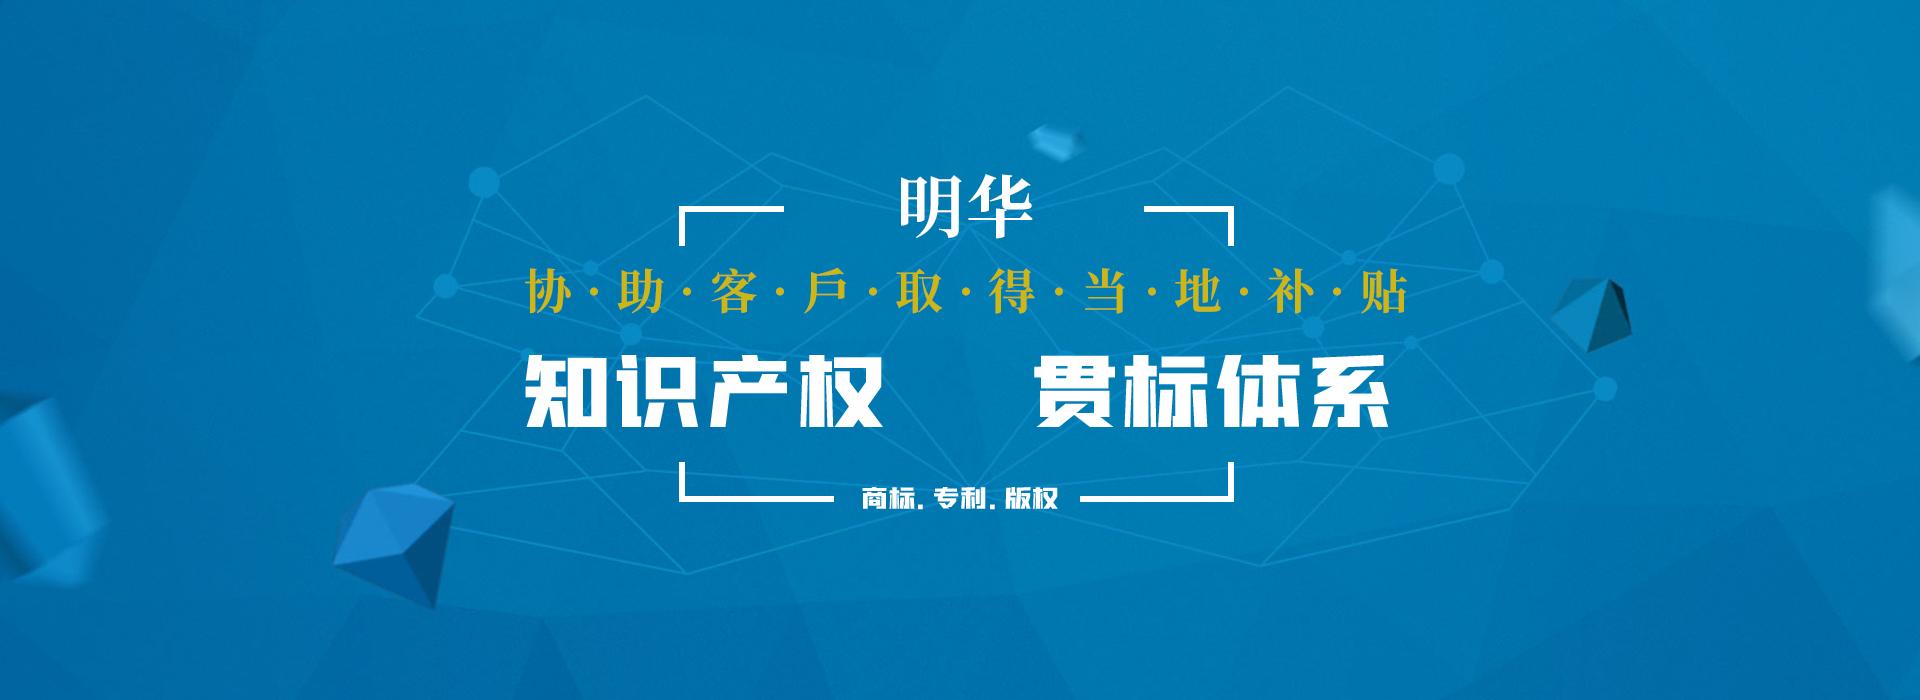 郑州商标注册代理